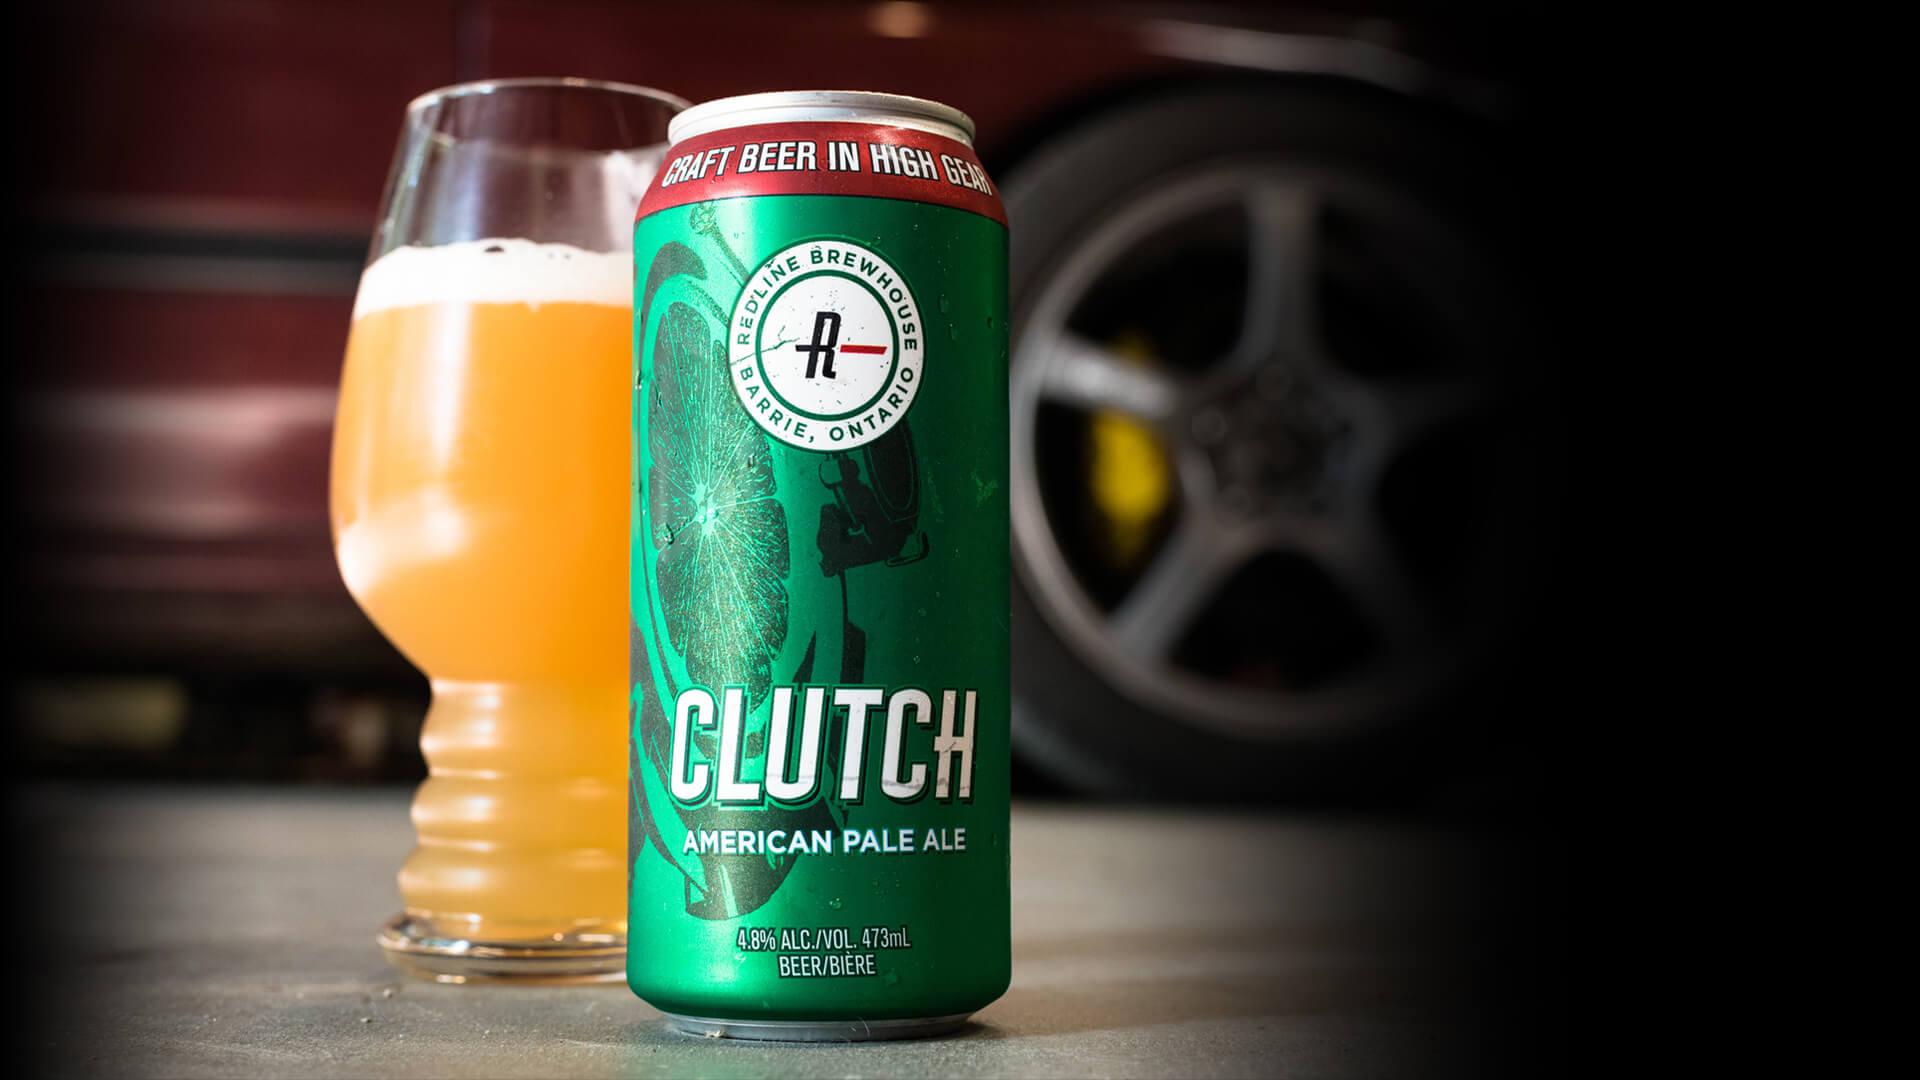 clutch can